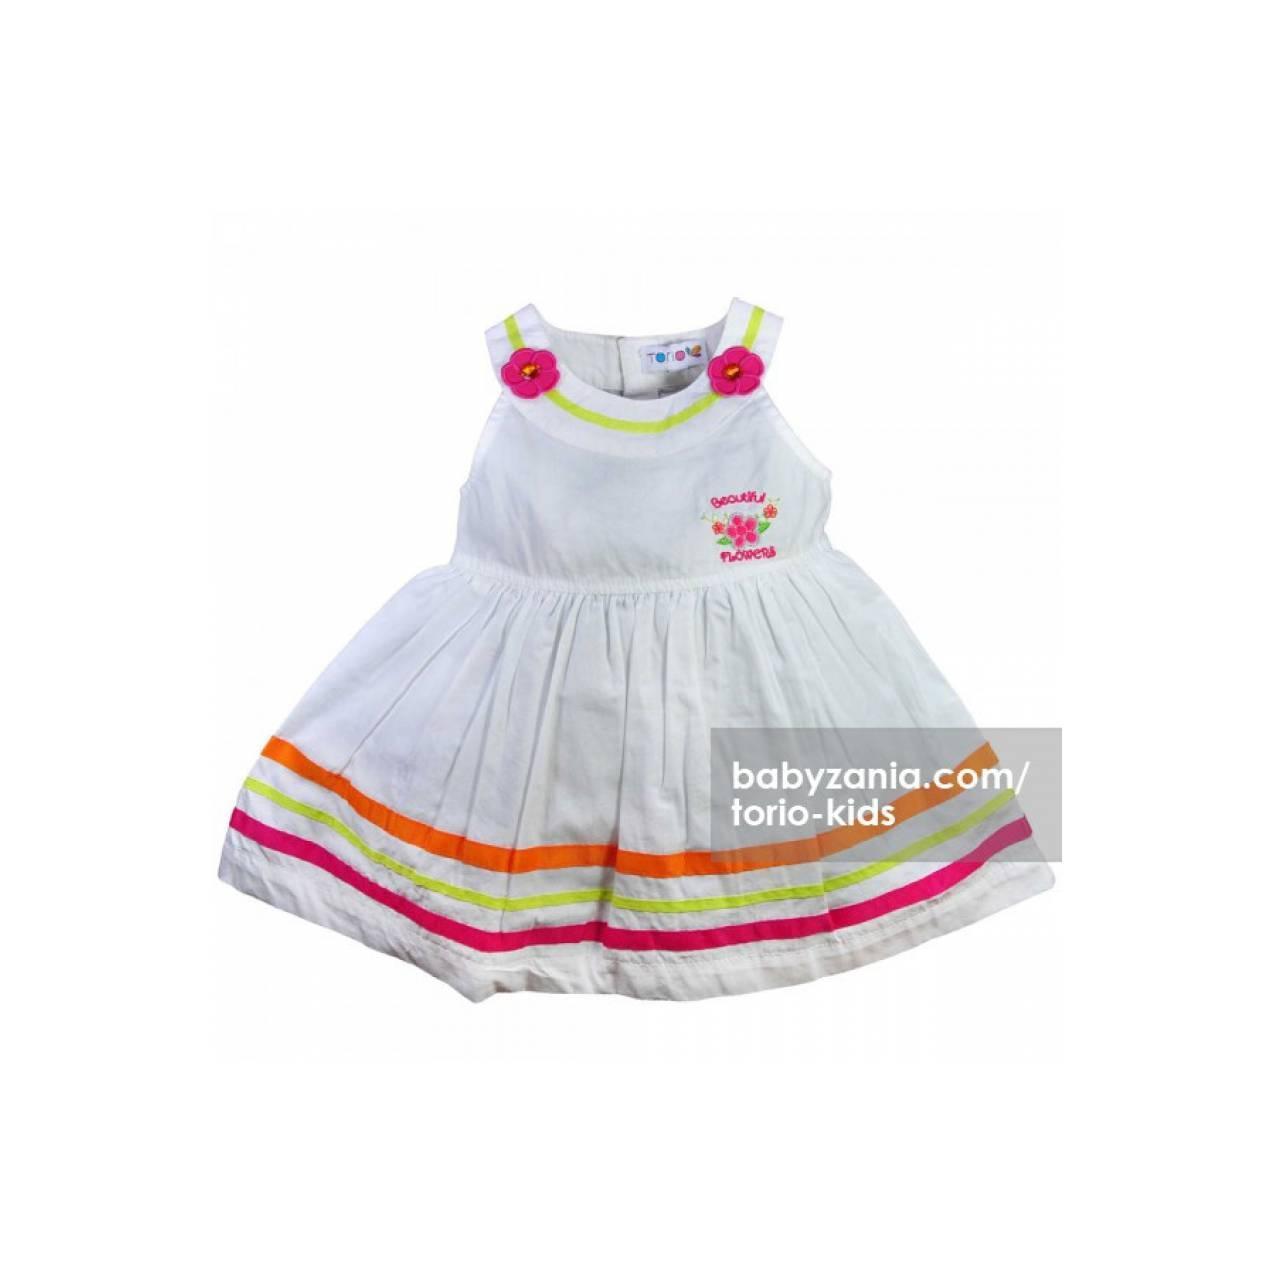 Torio Summer Flower Mini Dress T2909